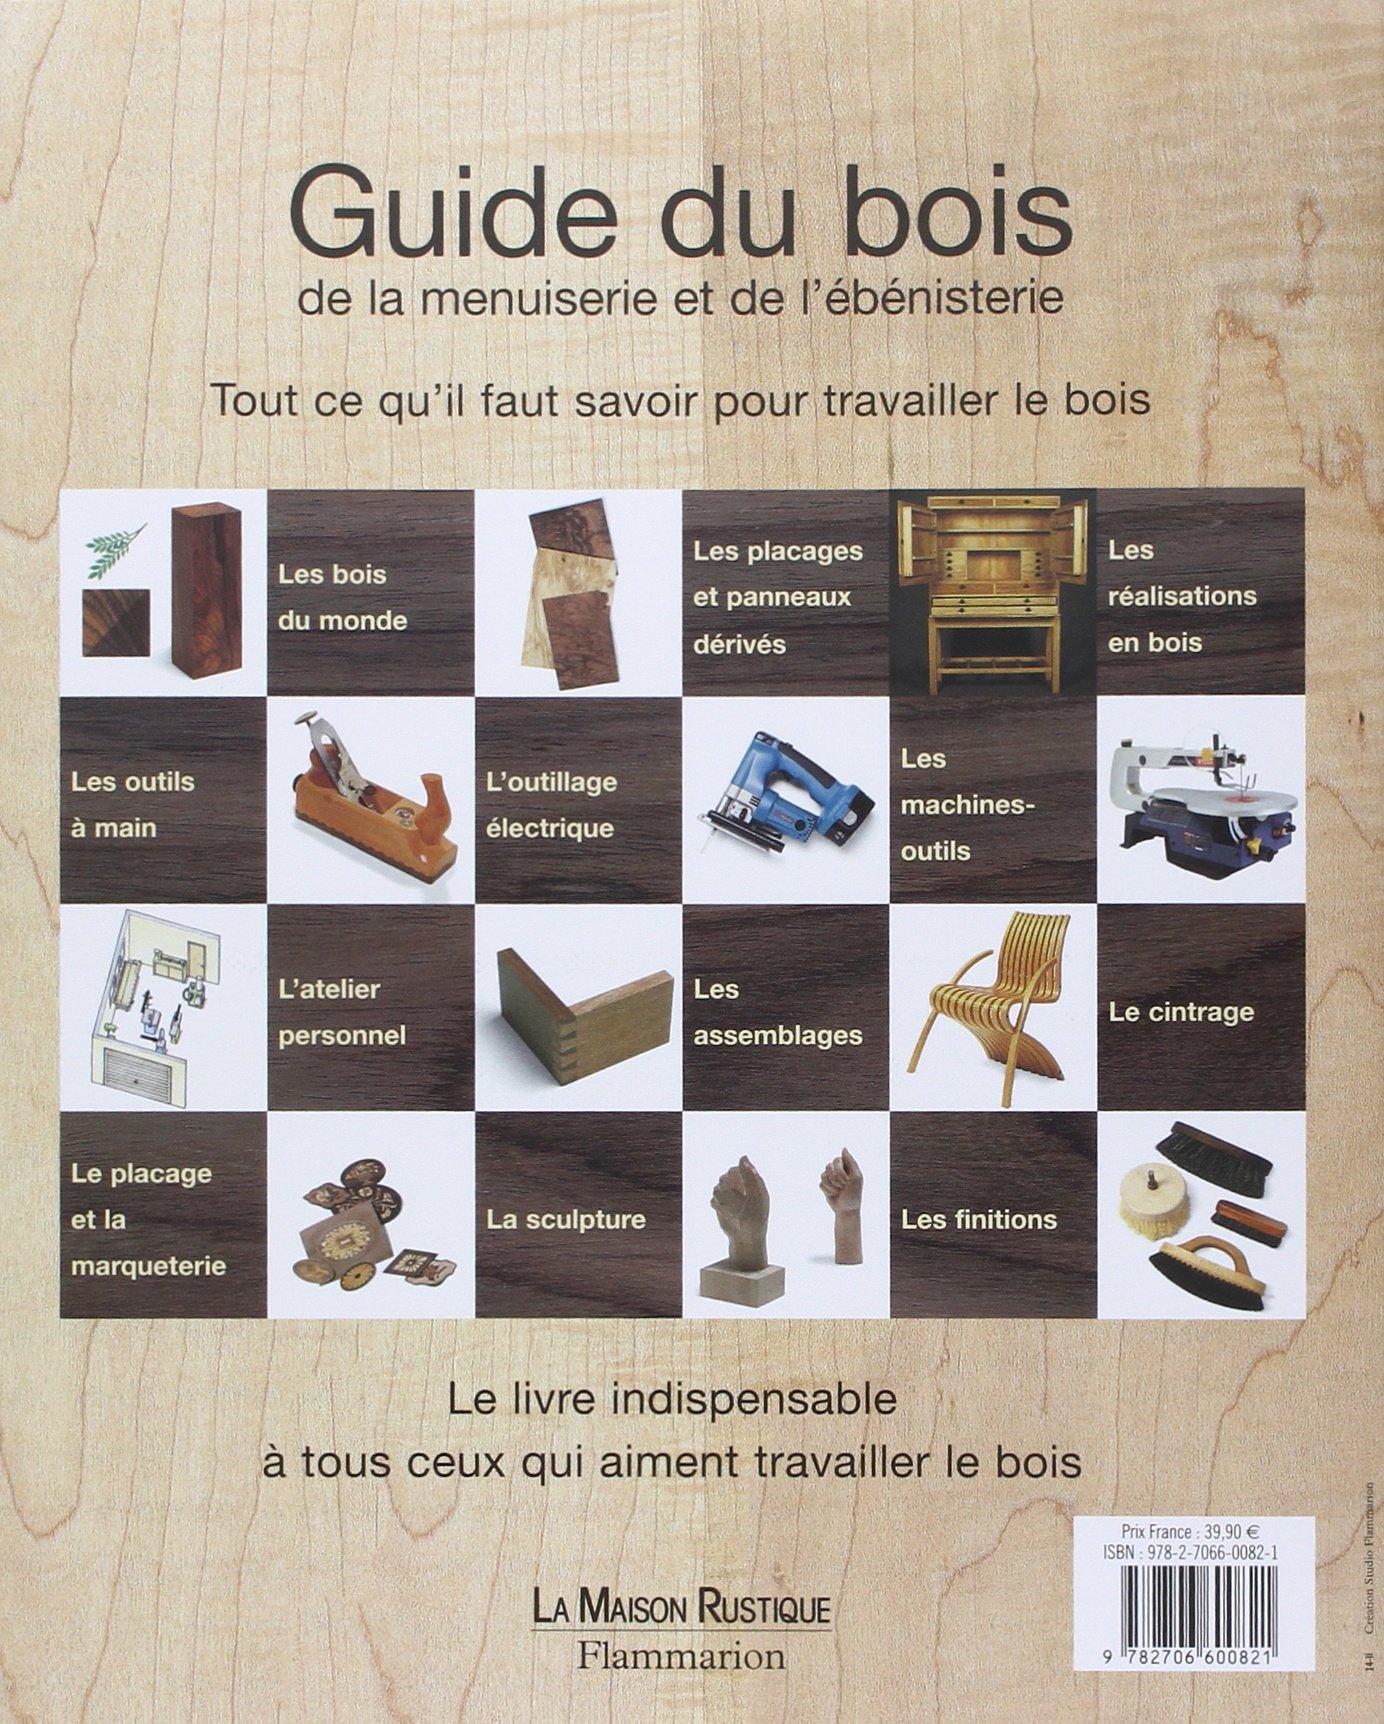 04e1ff68853c Amazon.fr - Guide du bois, de la menuiserie et de l ébénisterie - Albert  Jackson, David Day - Livres